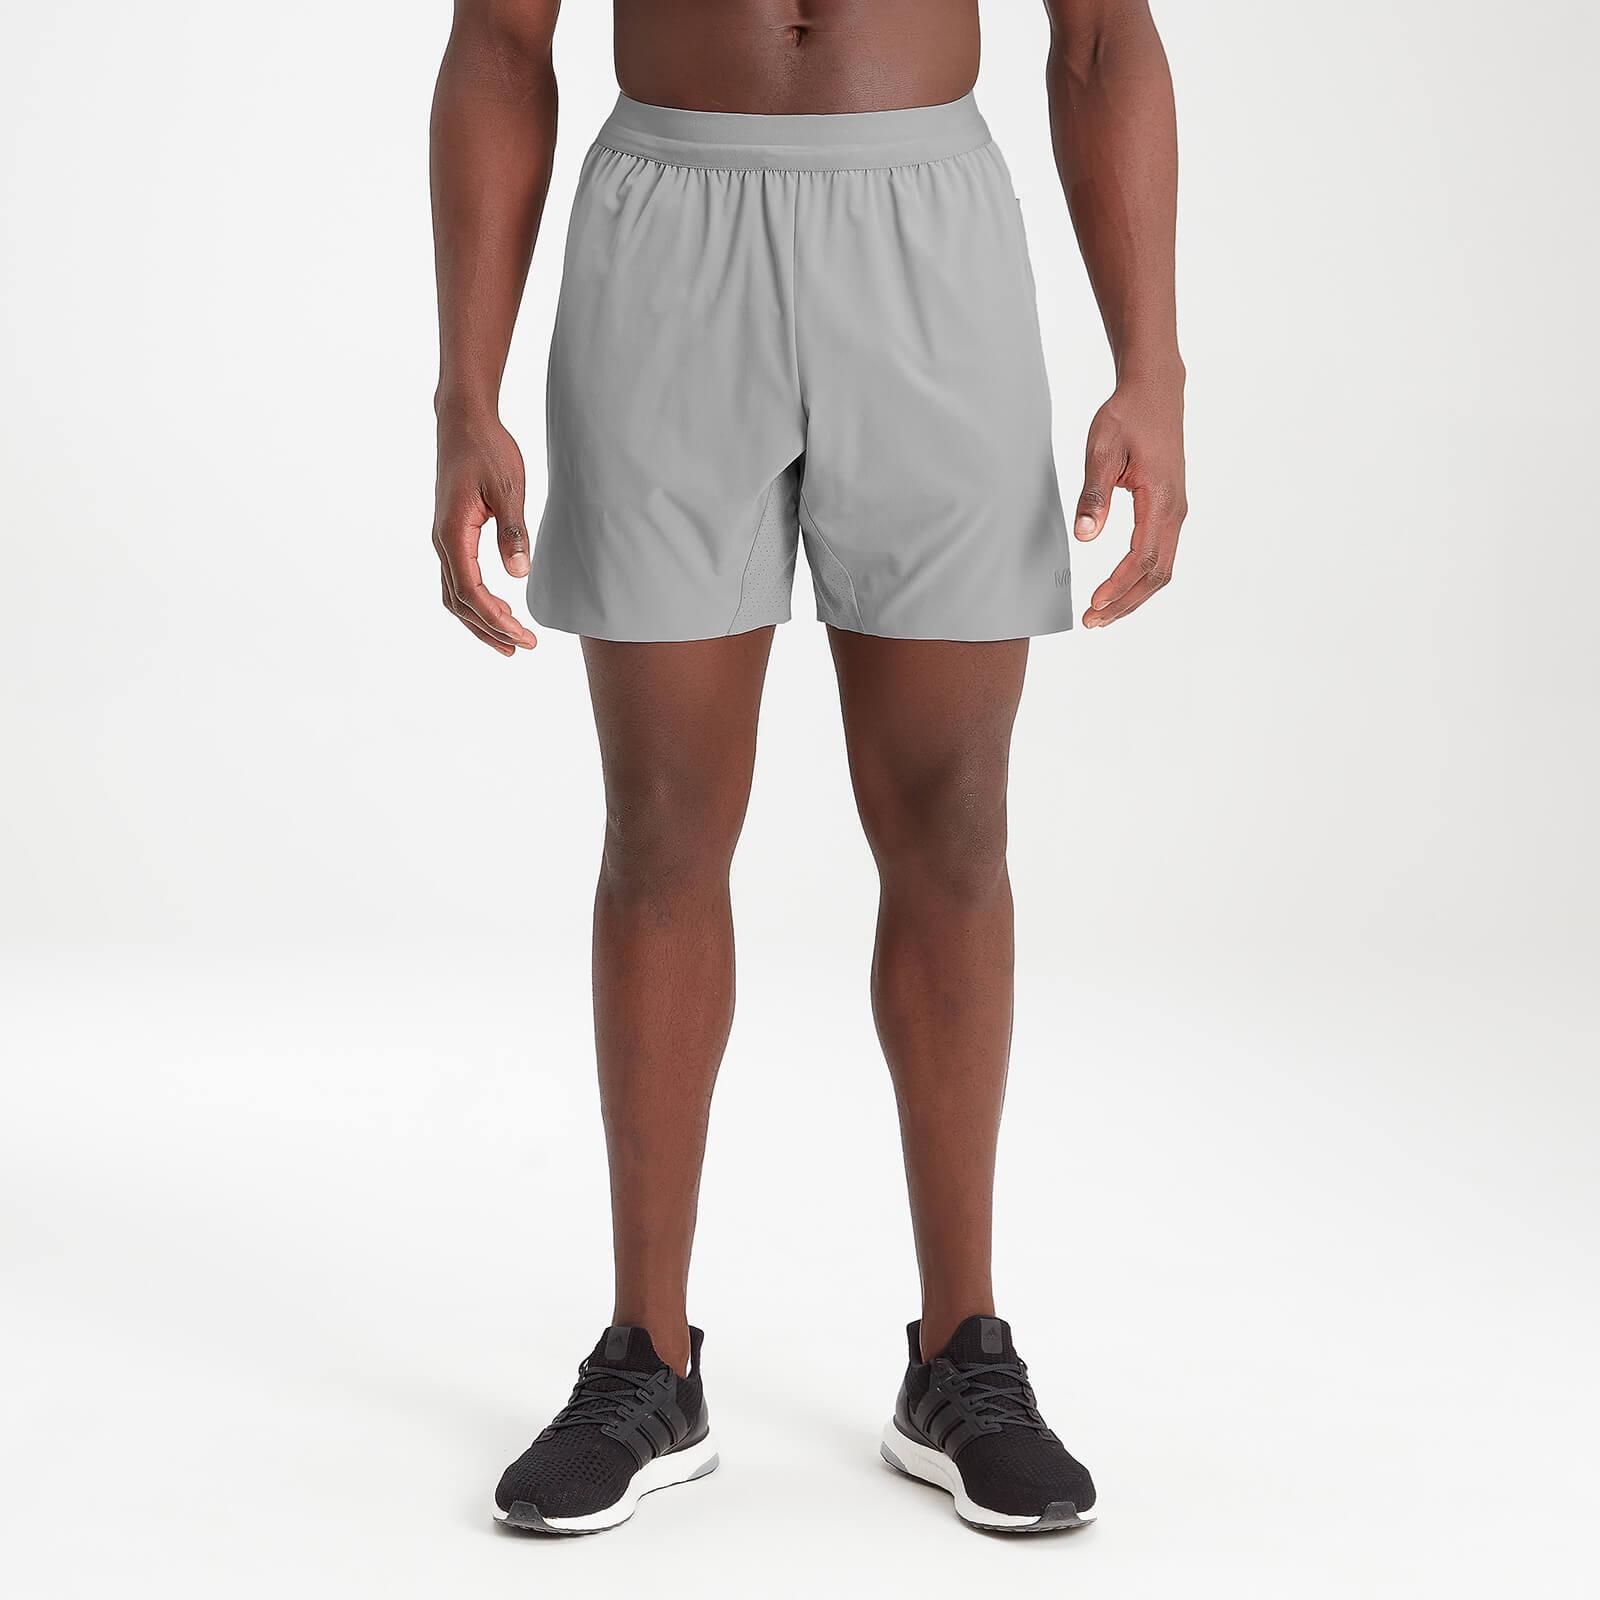 Купить MP Men's Essentials Best Training Shorts - Storm Grey - XXS, Myprotein International